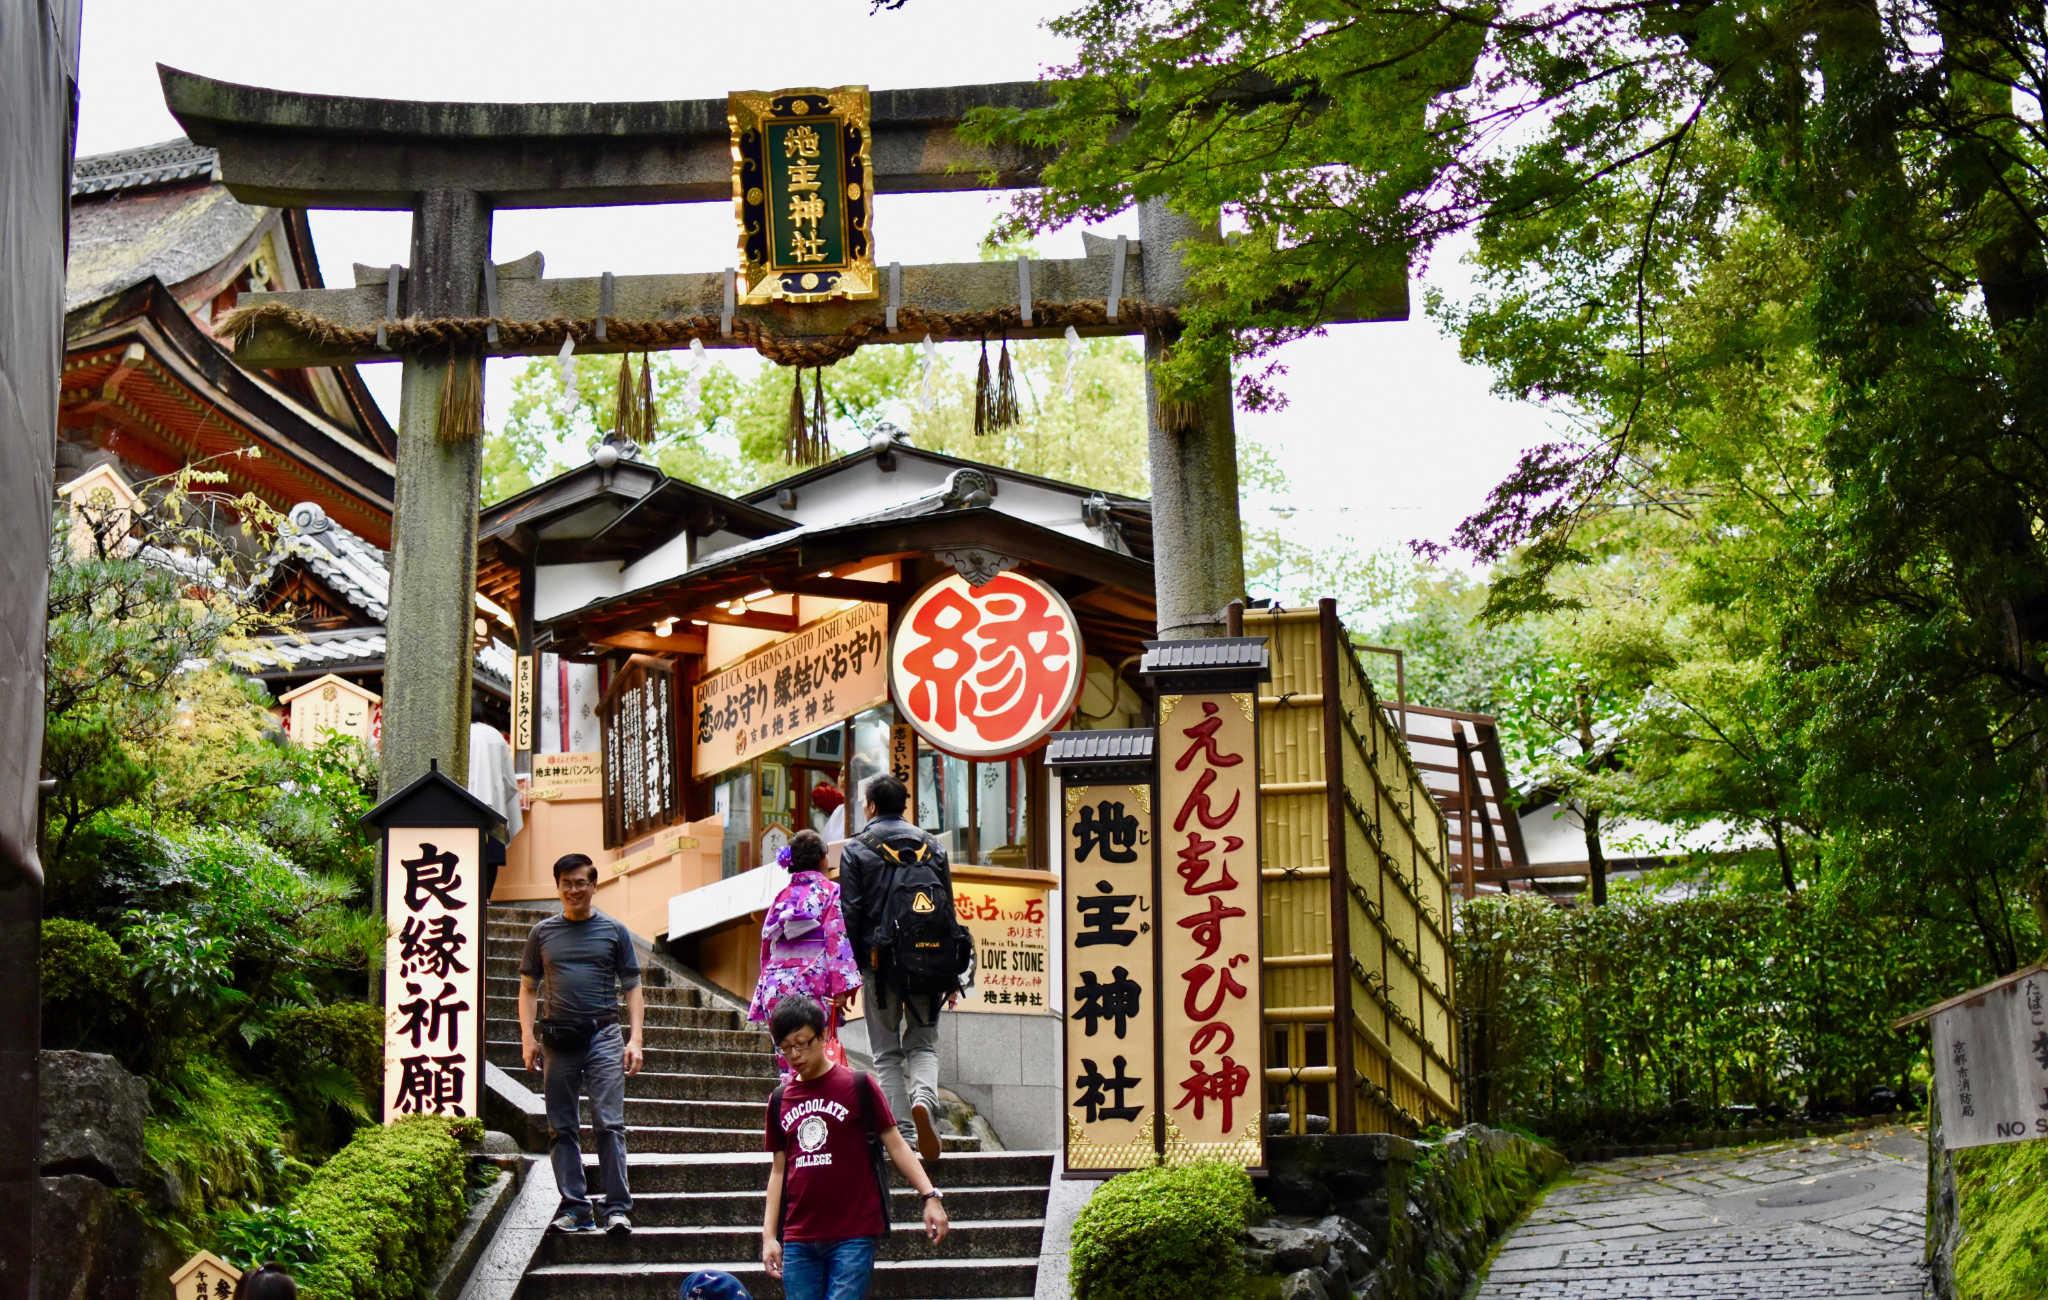 La partie la plus haute du temple mène à un sanctuaire